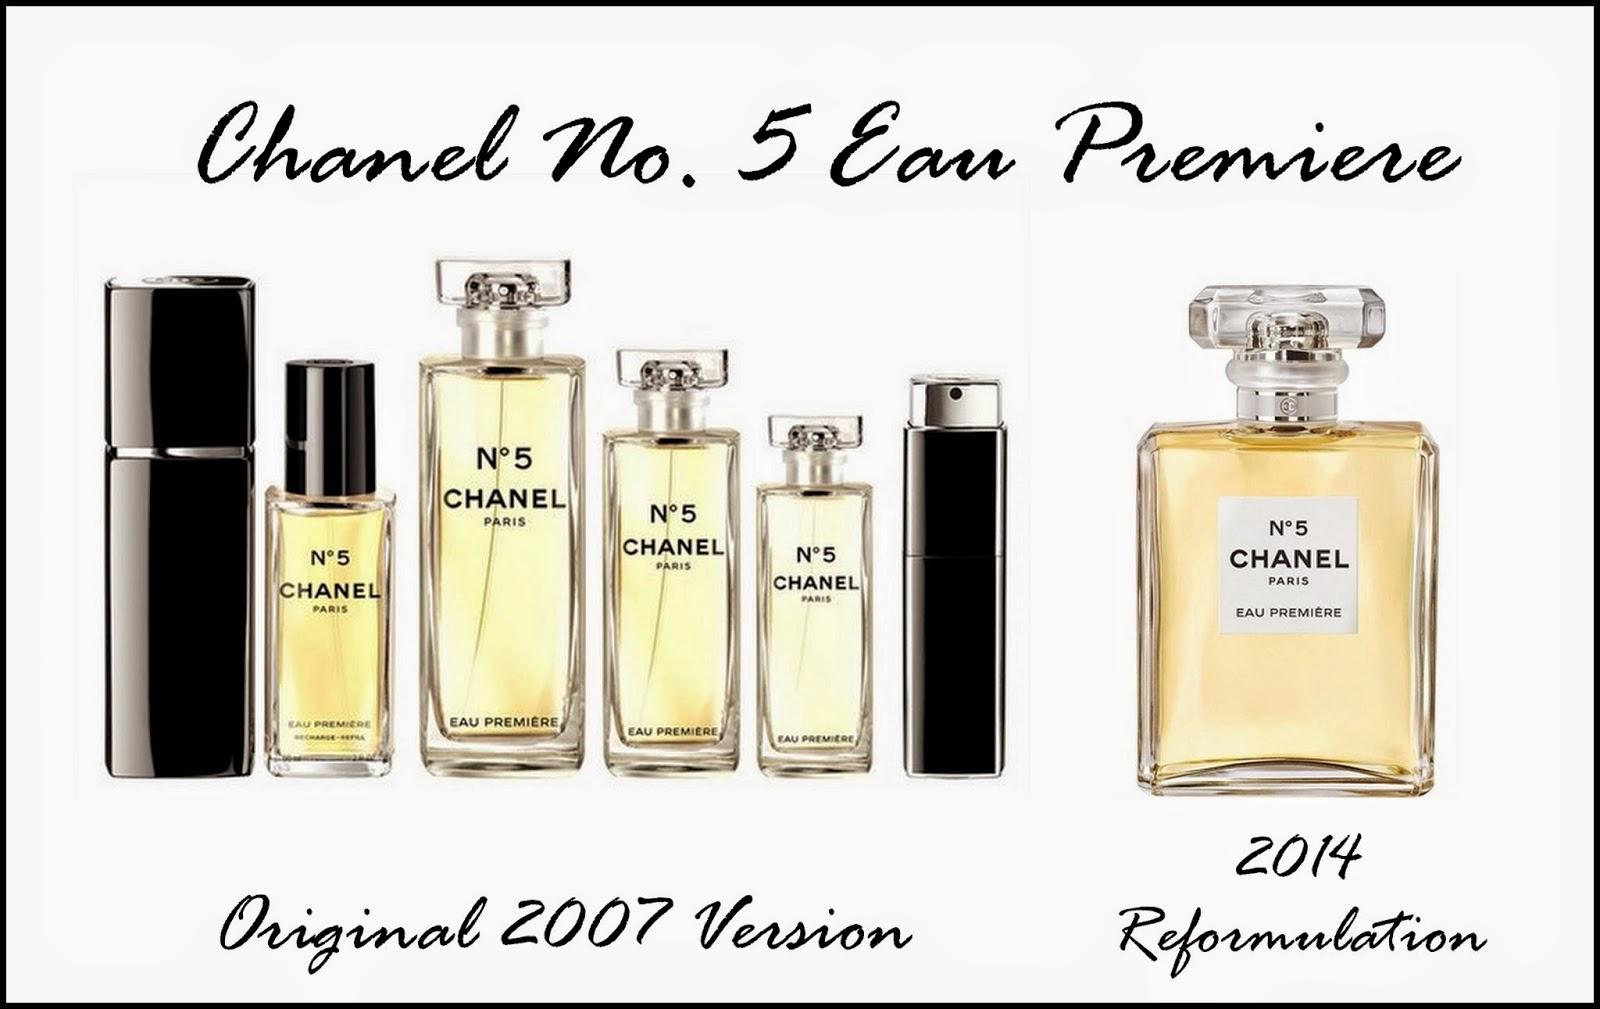 chanel perfume bottles. Black Bedroom Furniture Sets. Home Design Ideas